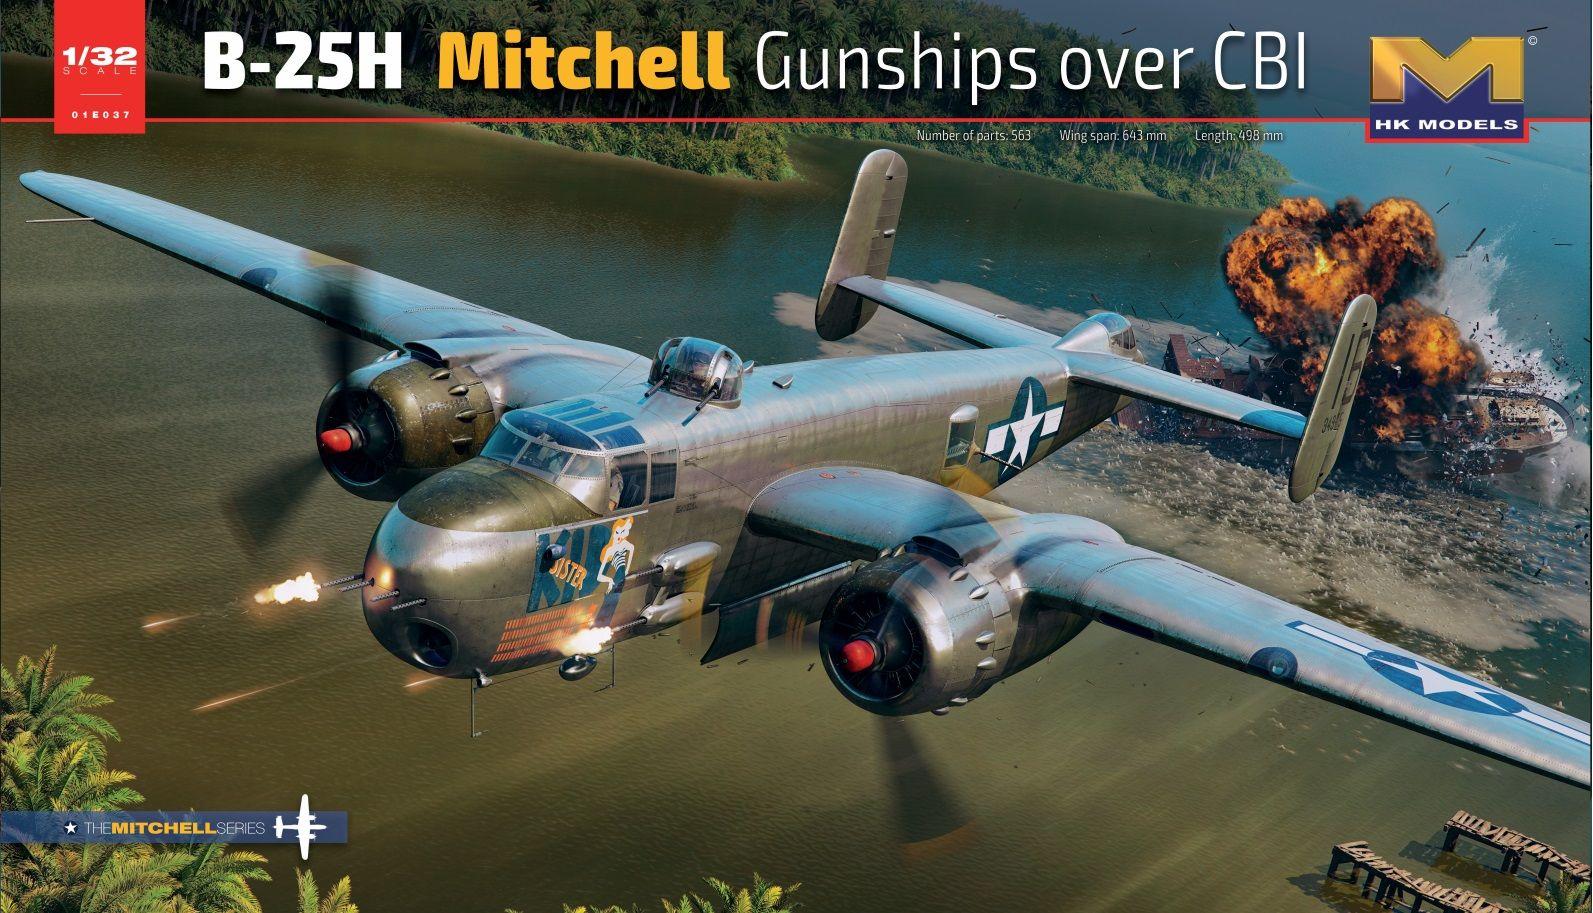 HK Models 1/32 B-25H Mitchell Gunships Over CBI, Aircraft